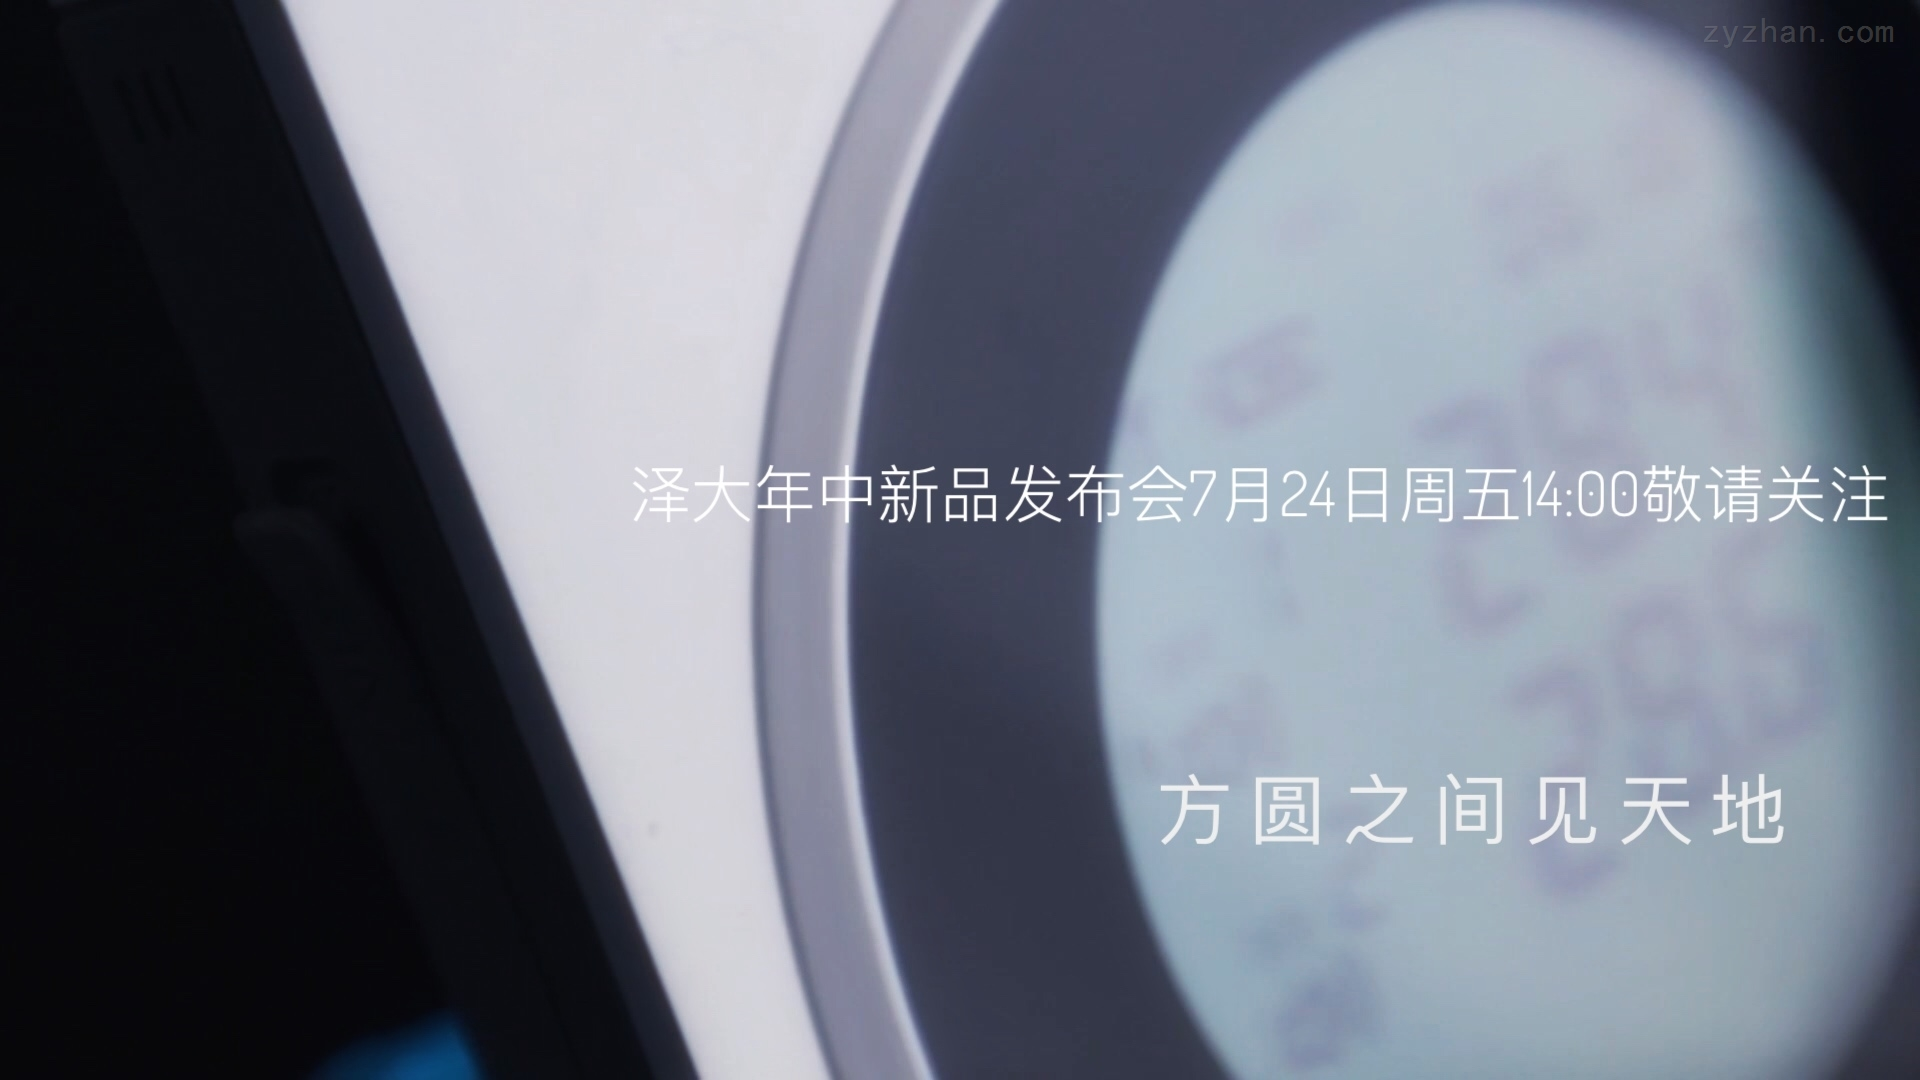 澤大儀器2020年中新品發布會